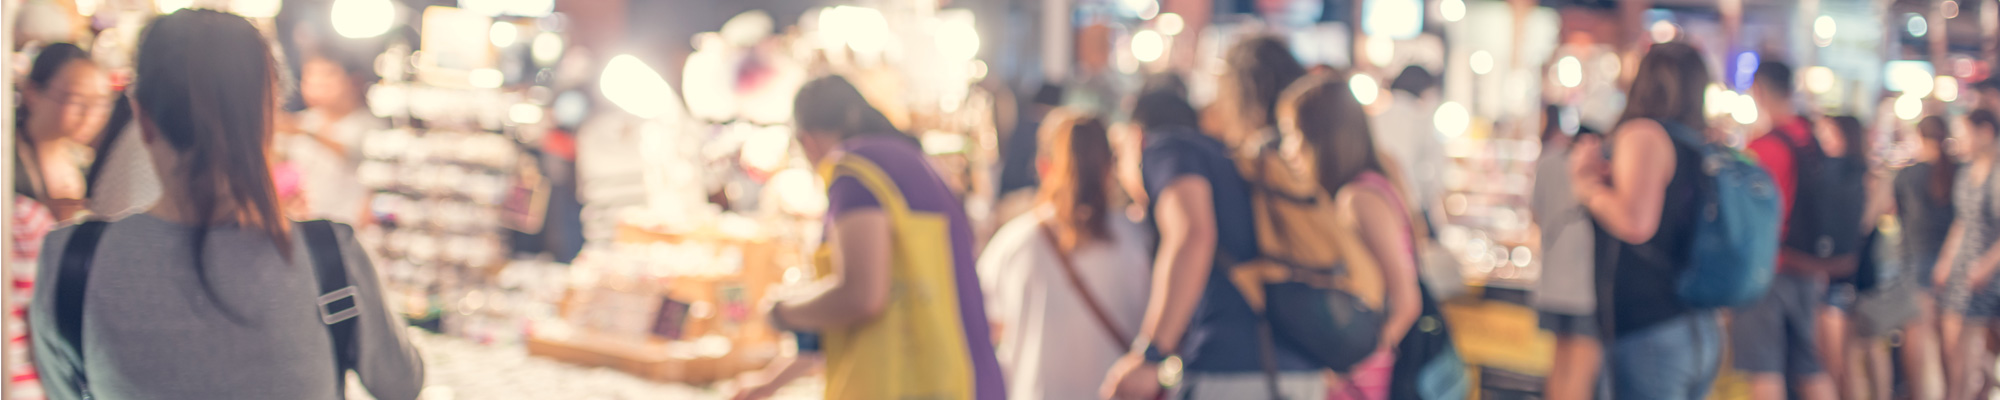 Contodeo - Commerce en mobilité - Encaissement par carte bancaire en mobilité